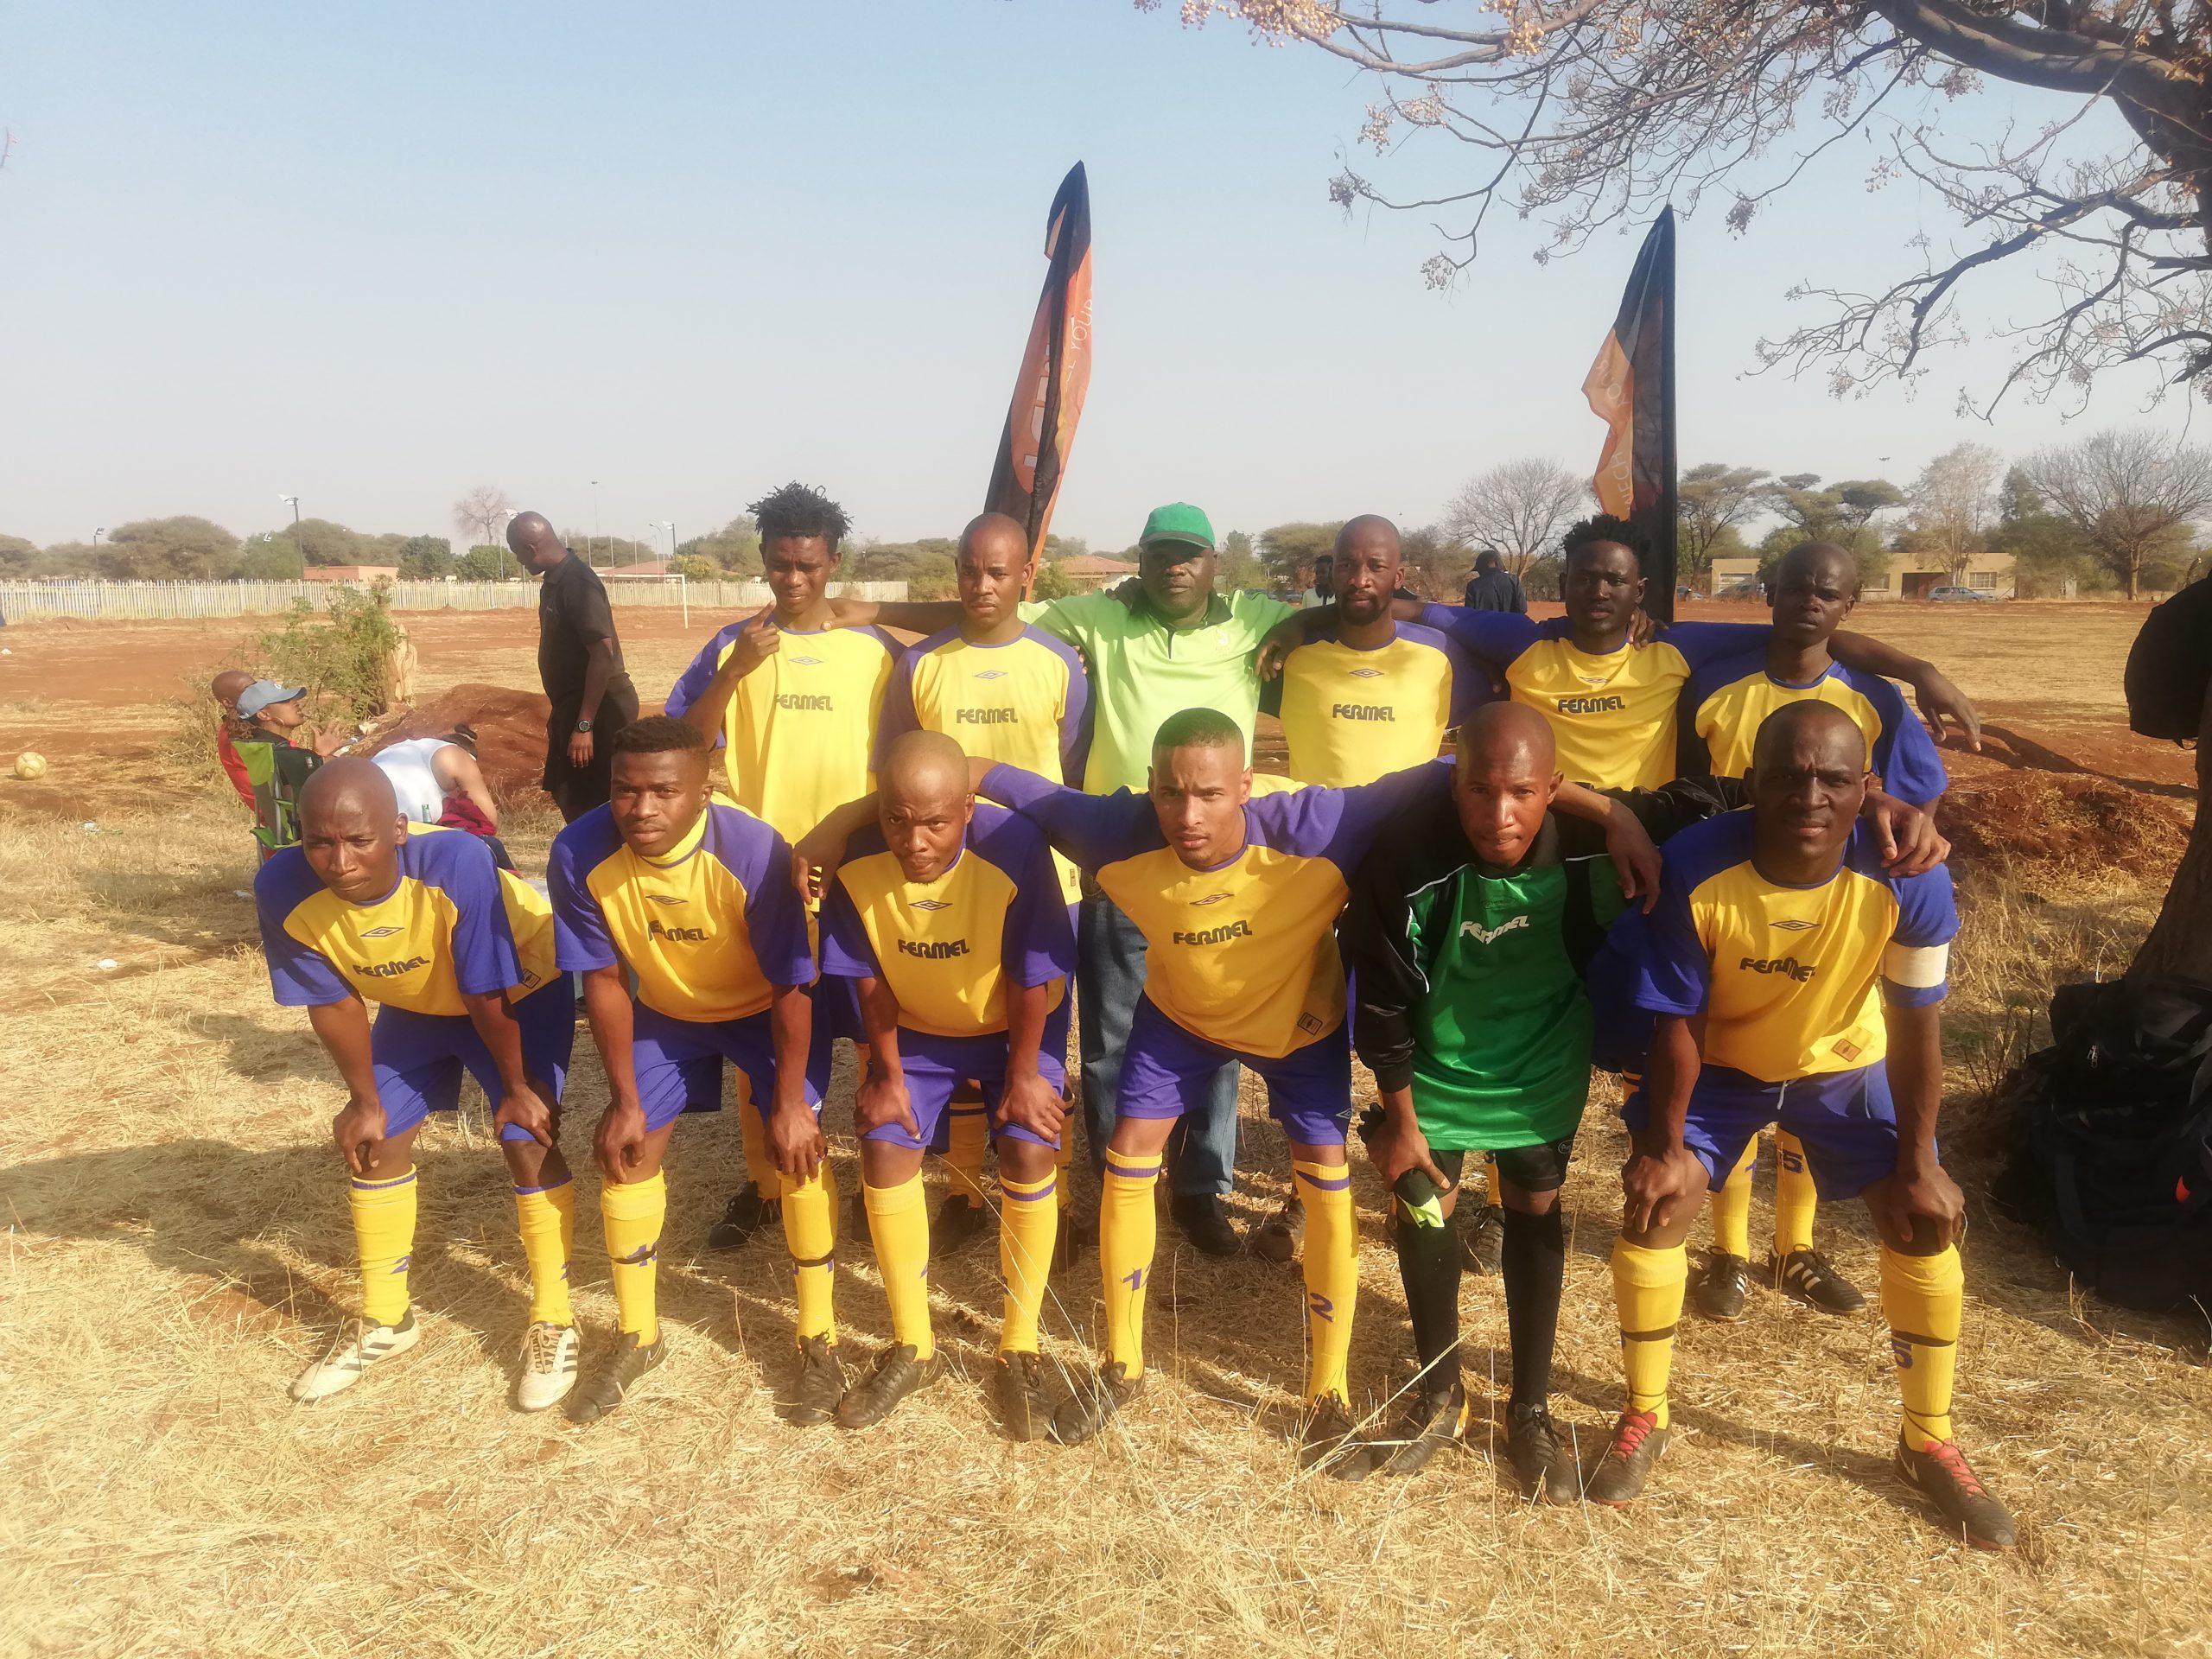 Fermel Soccer Team